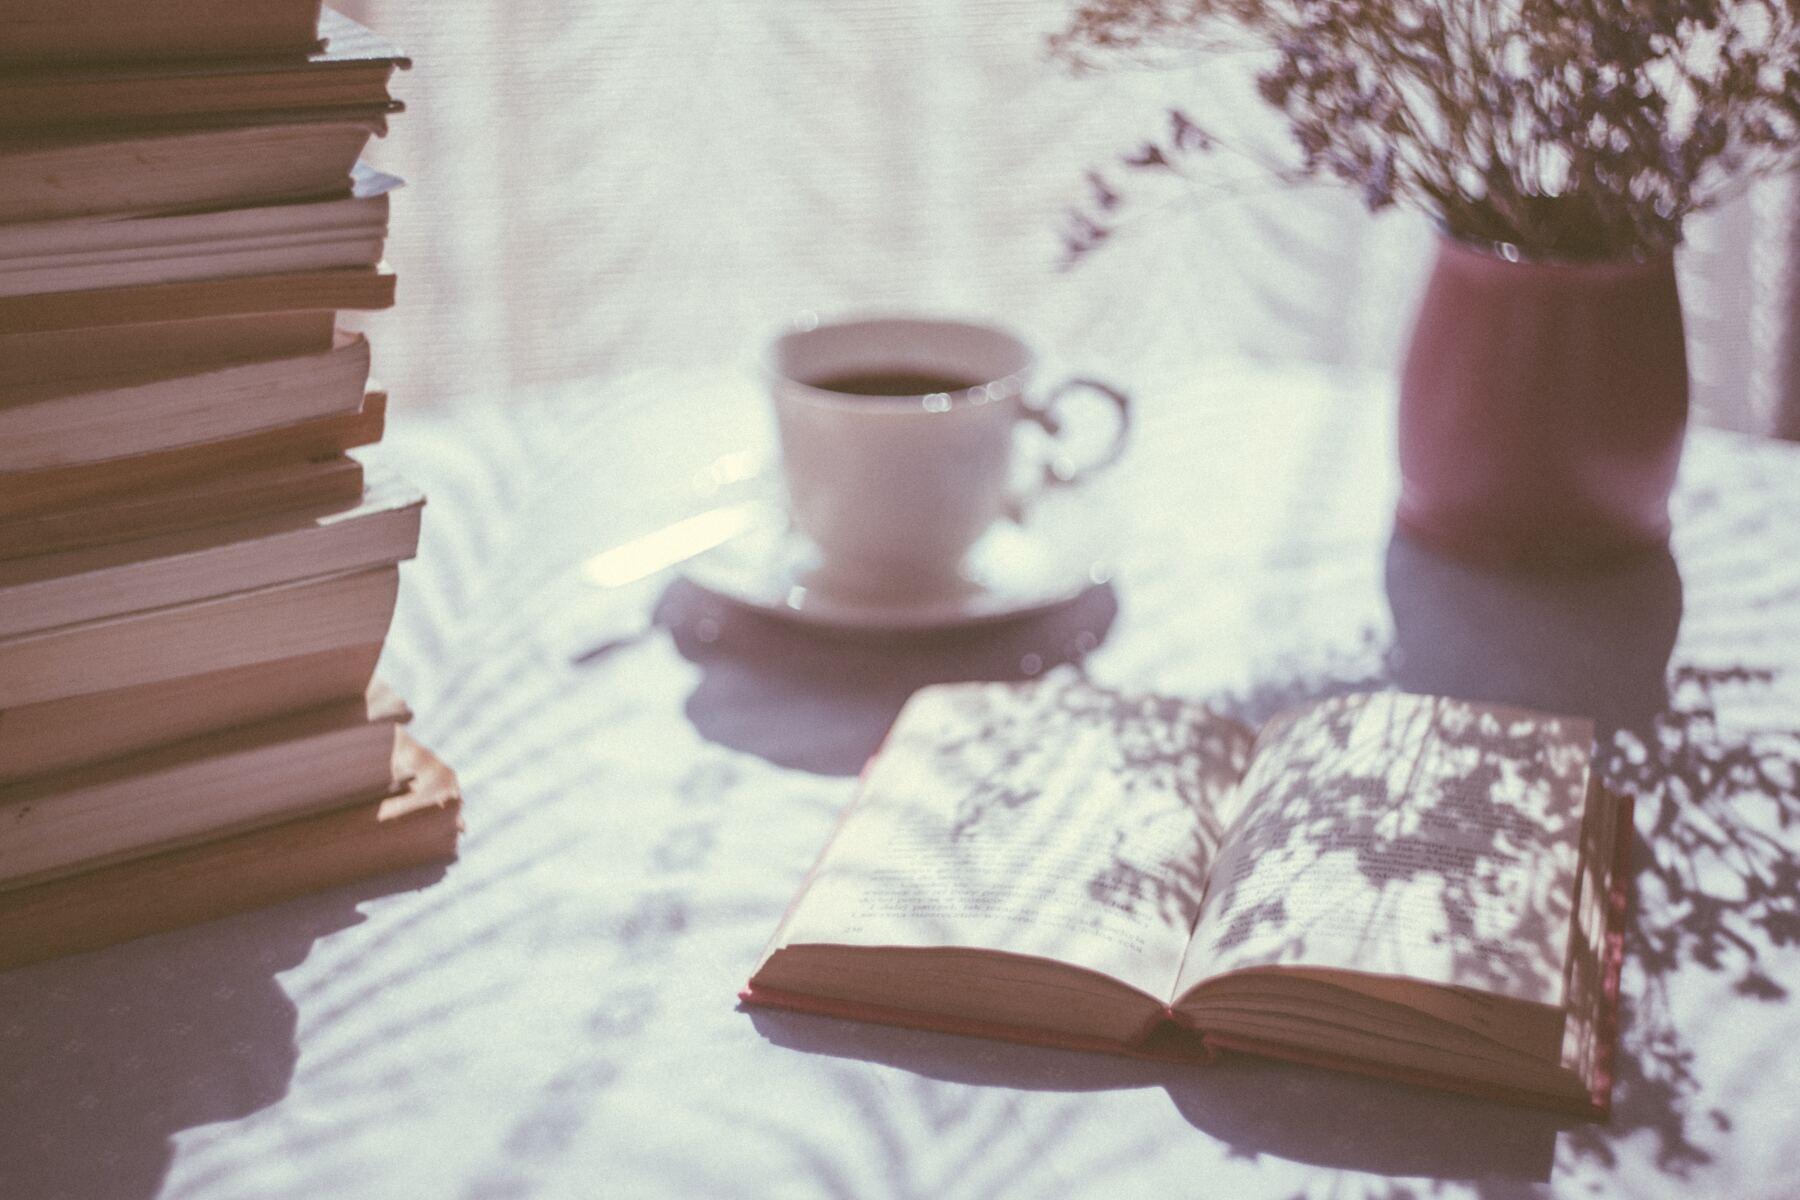 maura-te-recomienda-un-libro.jpg